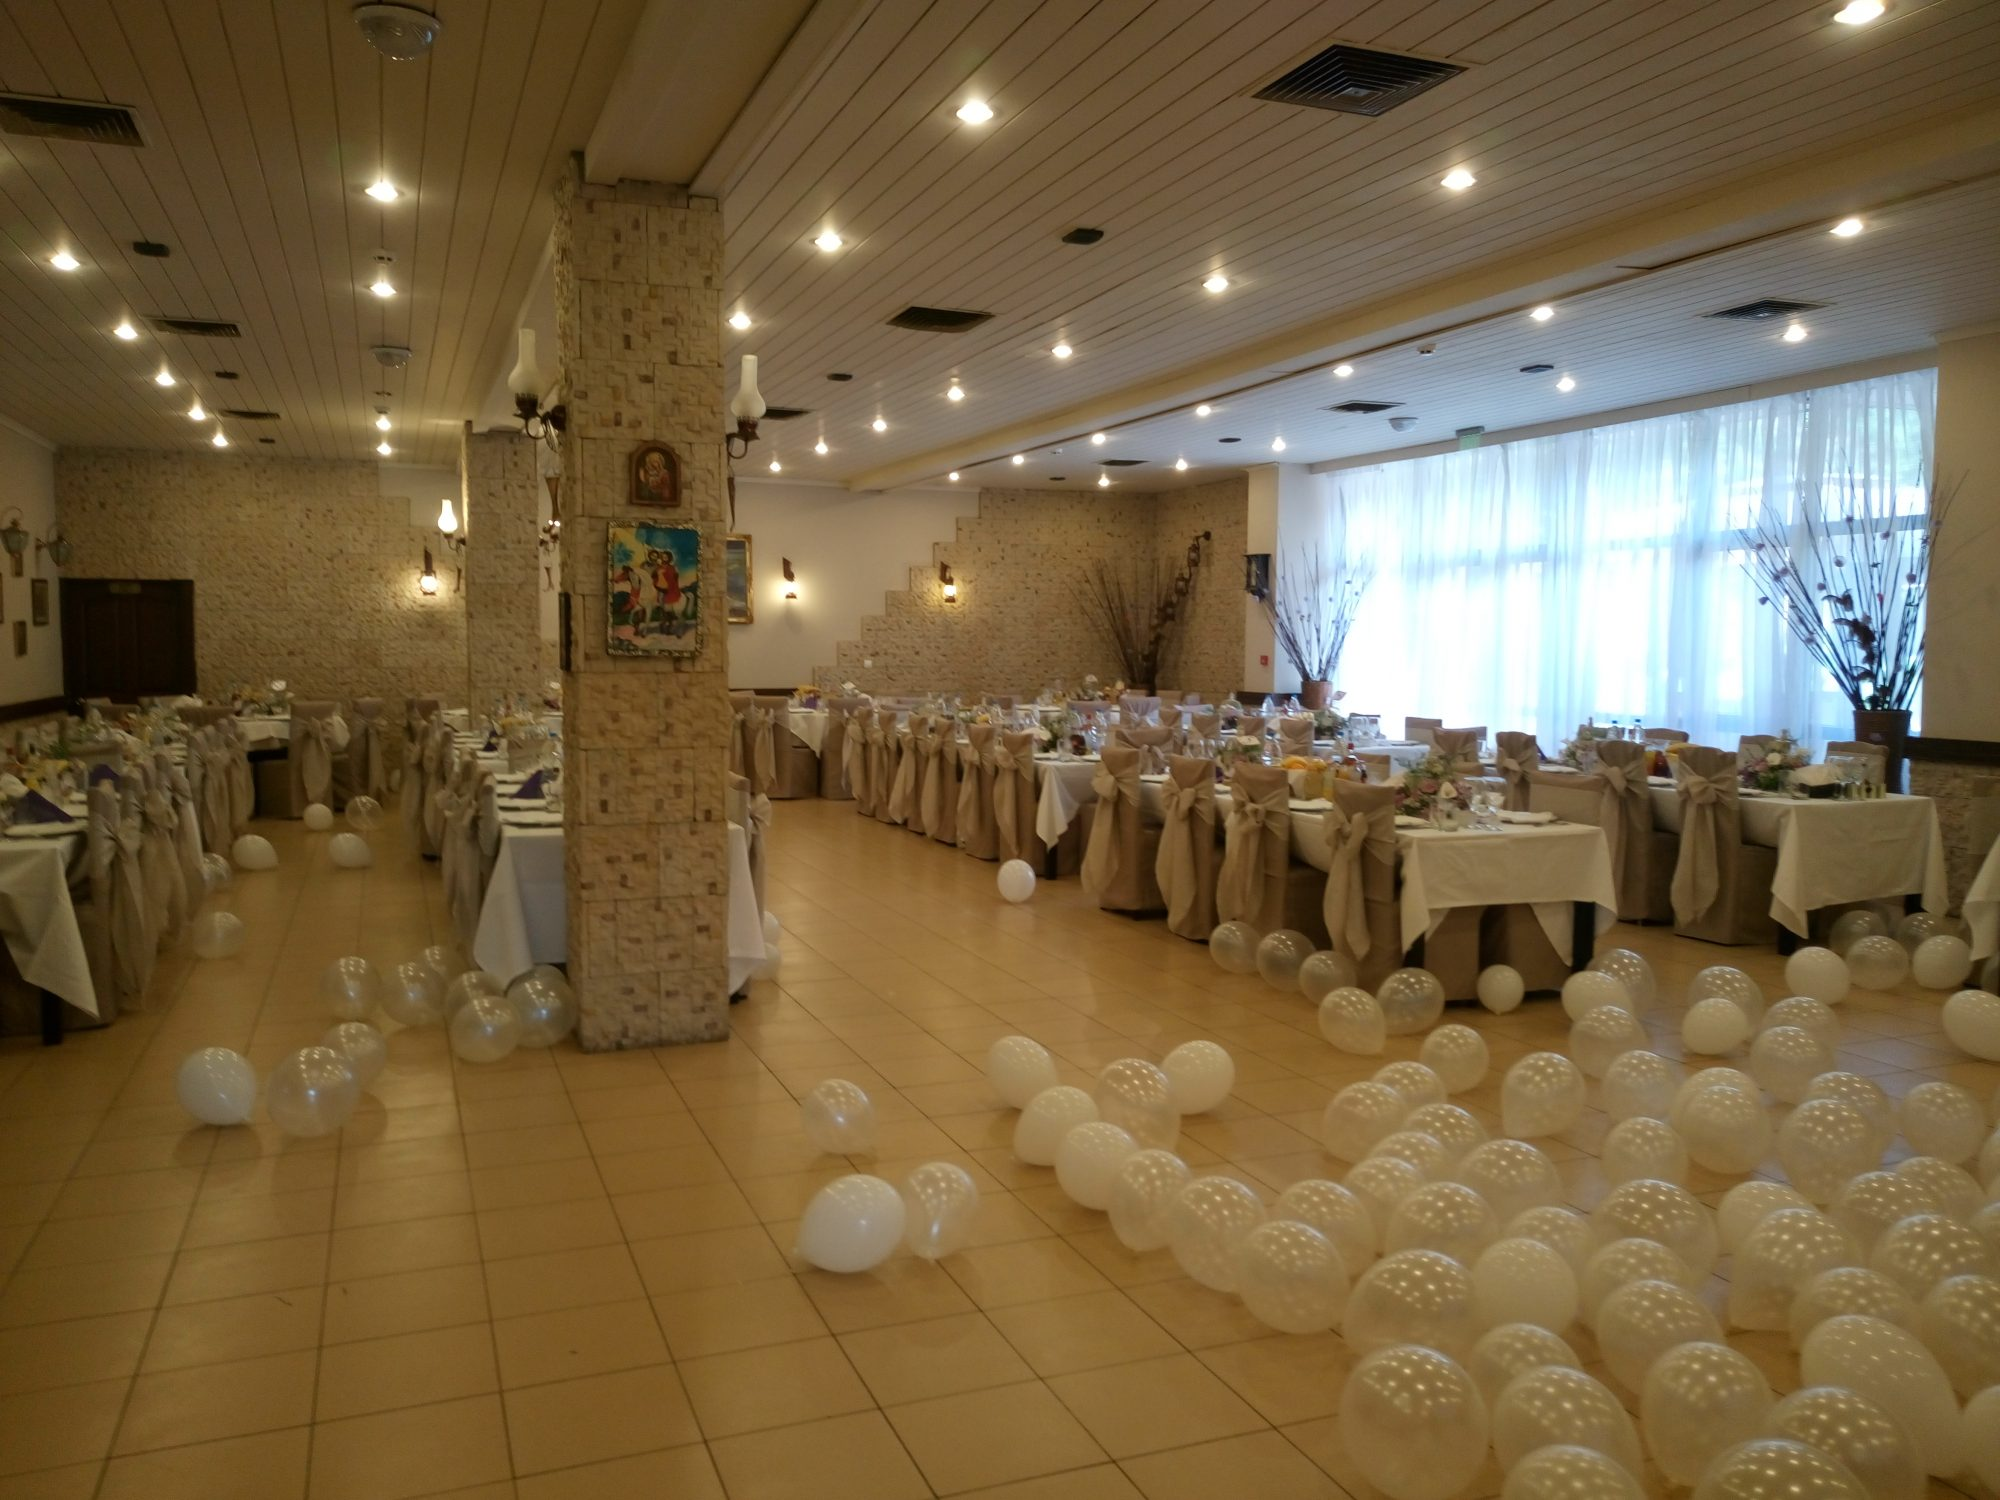 organizirane-na-svatbi-15